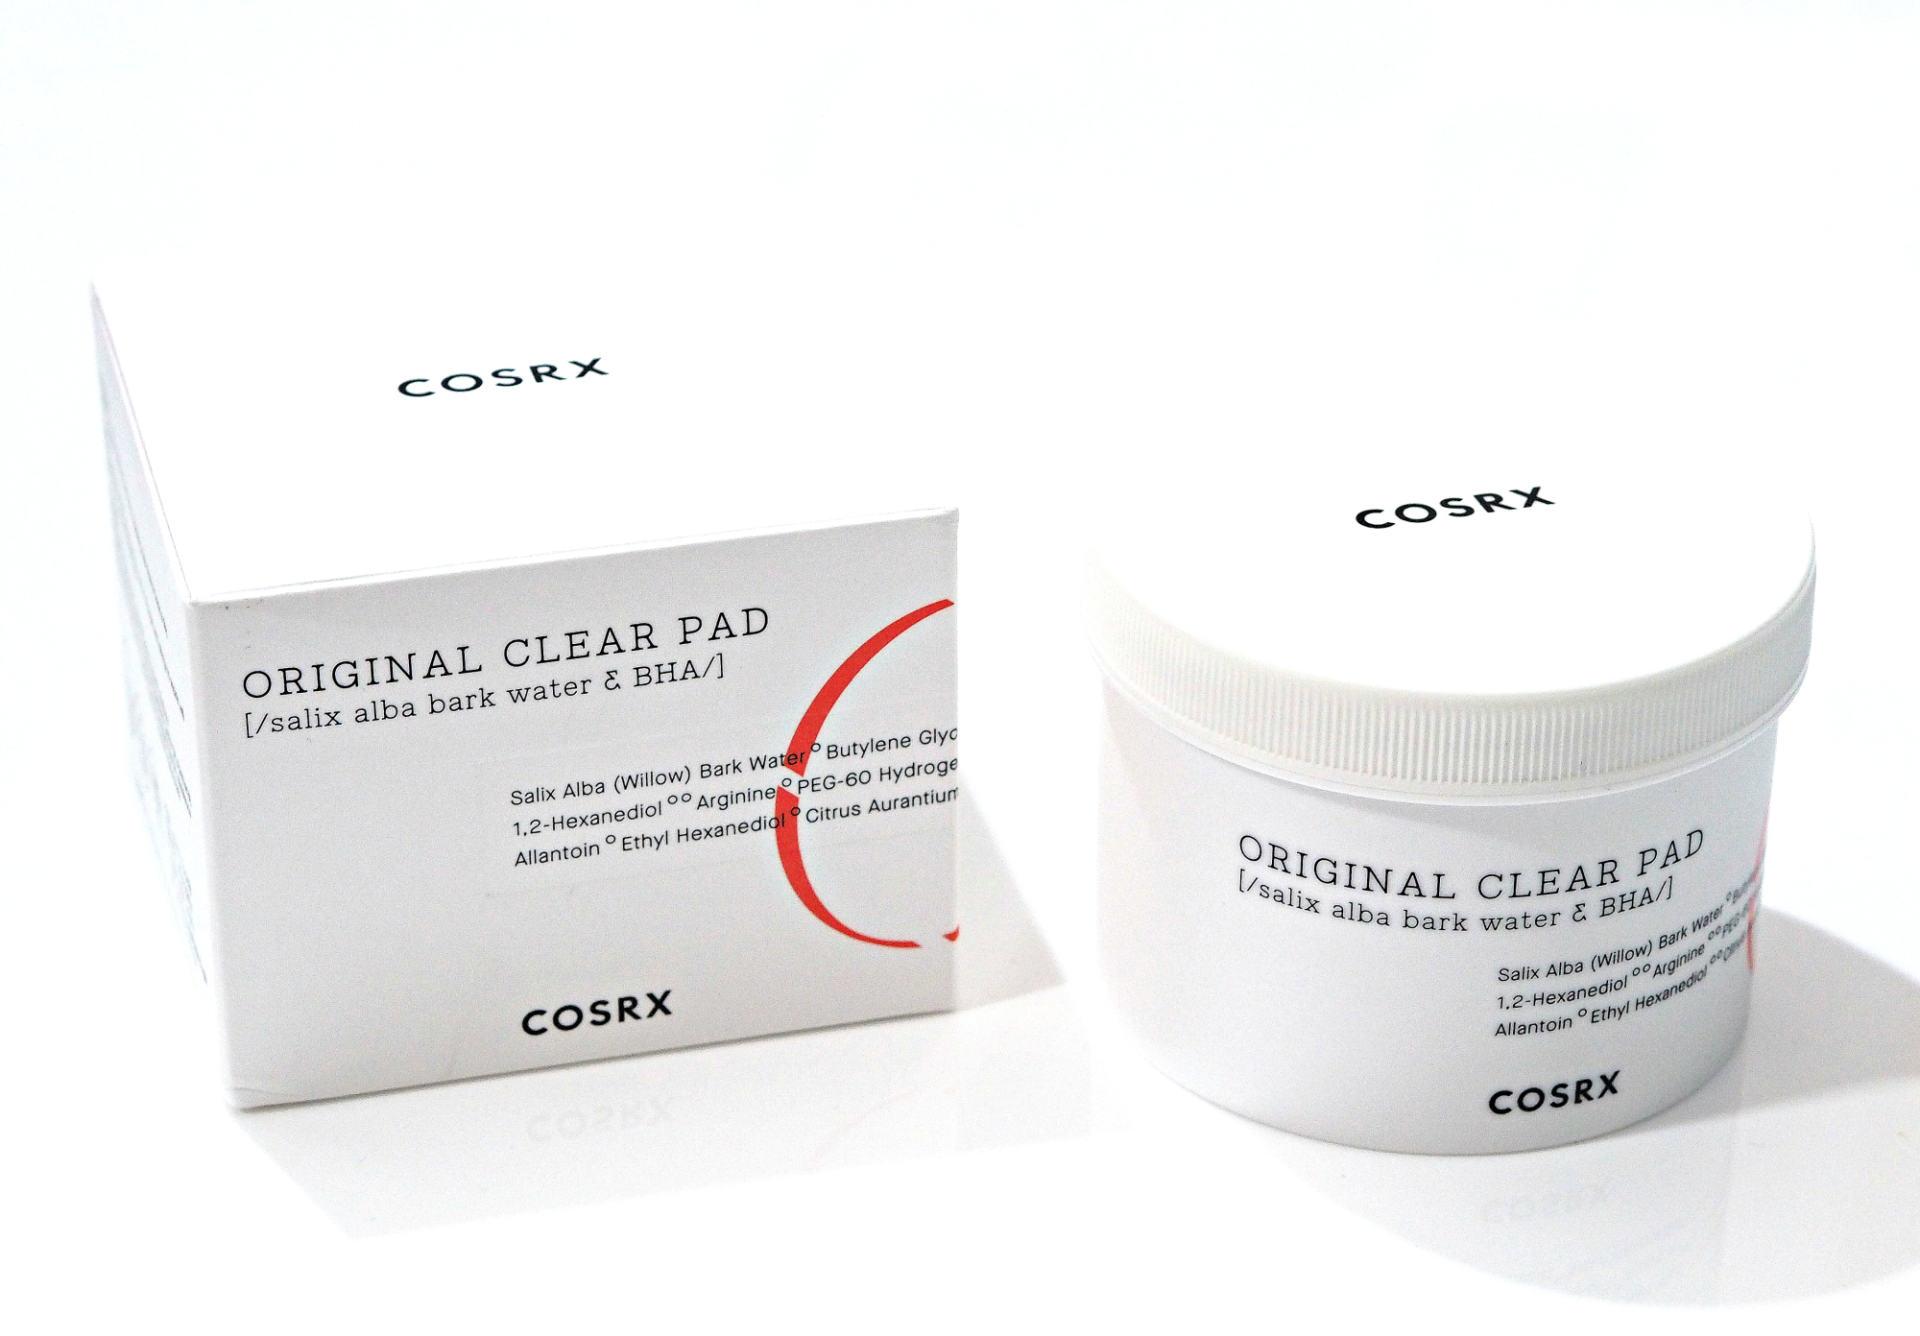 COSRX One Step Original Clear Pads